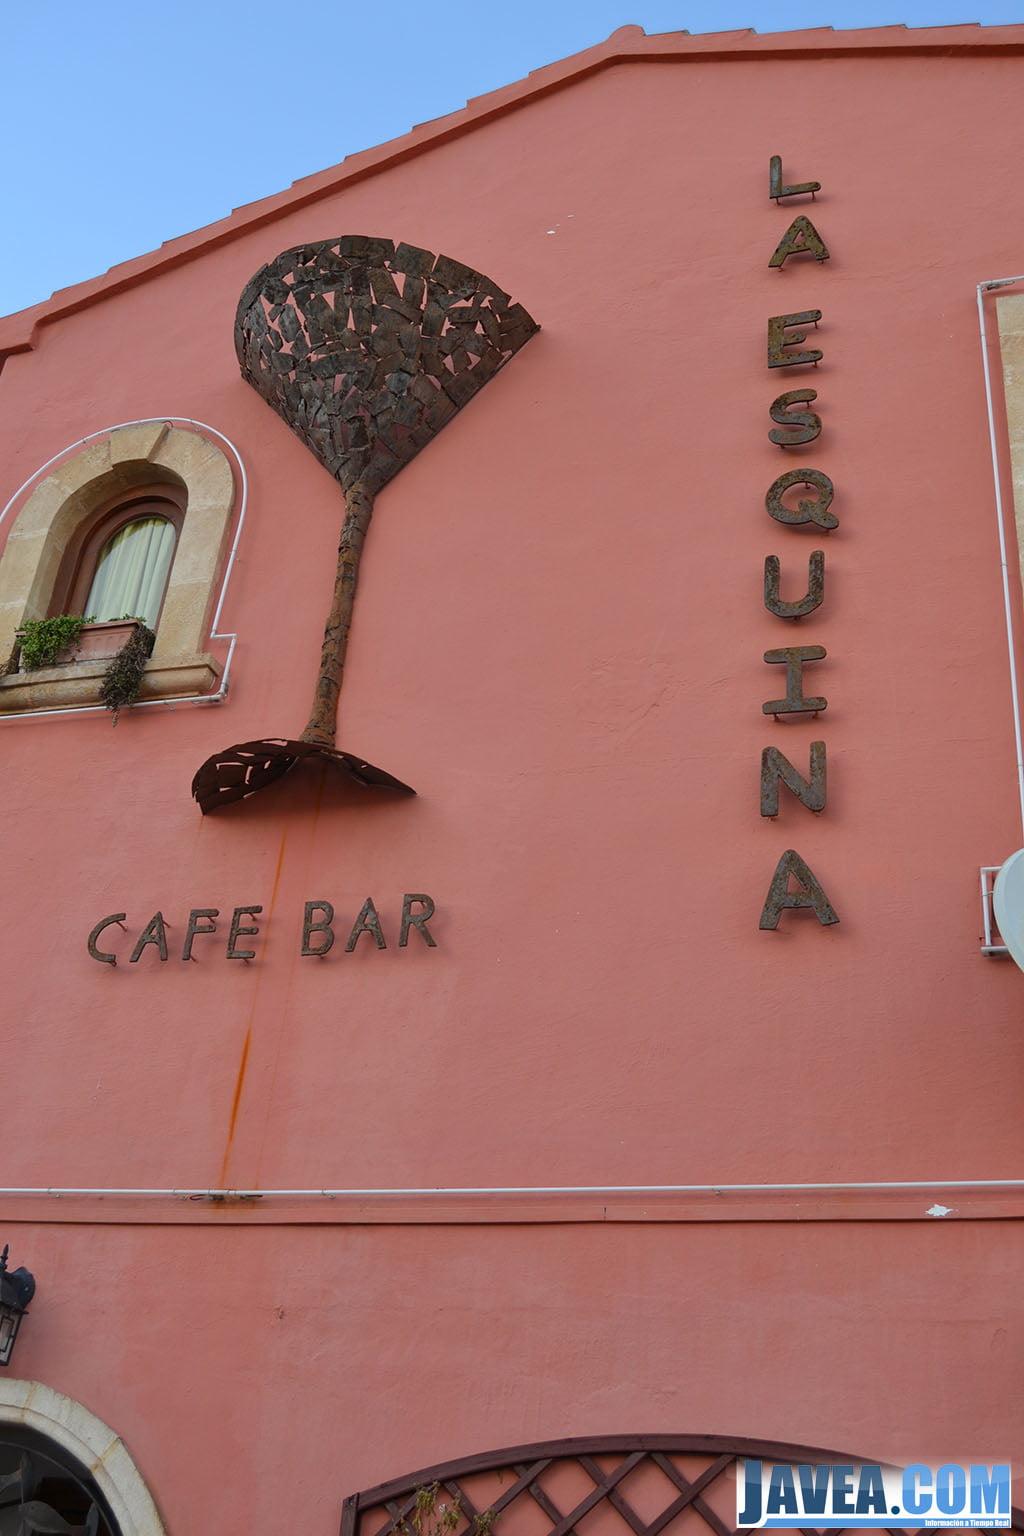 Café Bar La Esquina en el Puerto de Jávea a primera línea del mar